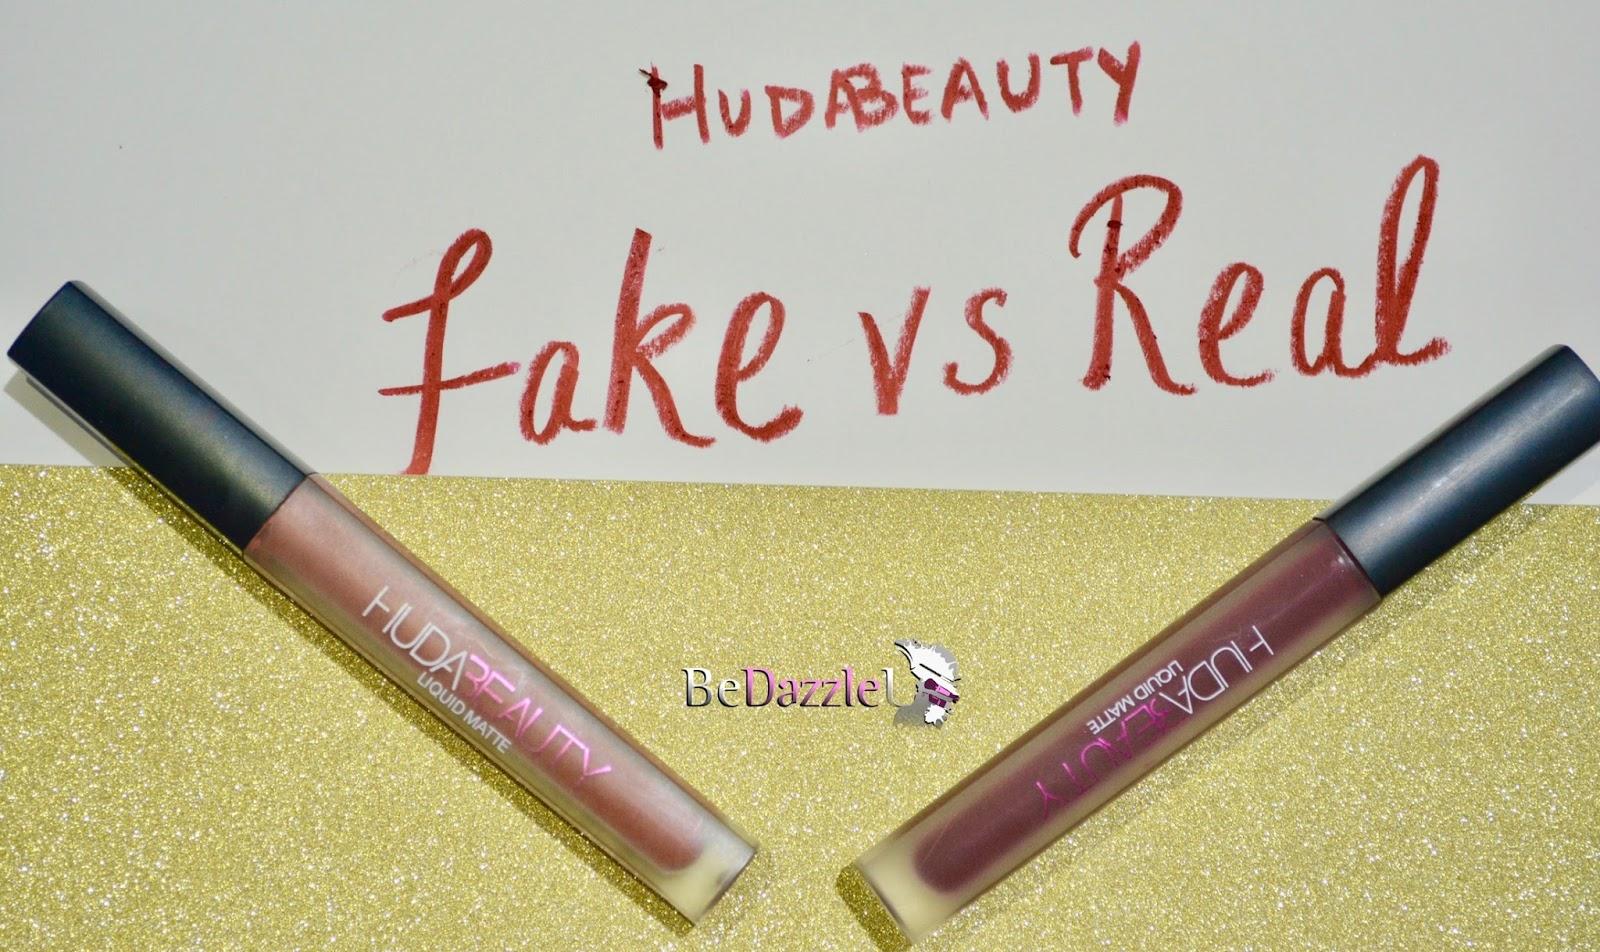 bda72d3fe5 FAKE V/S ORIGINAL Huda Beauty Liquid Matte Lipstick - BedazzleU